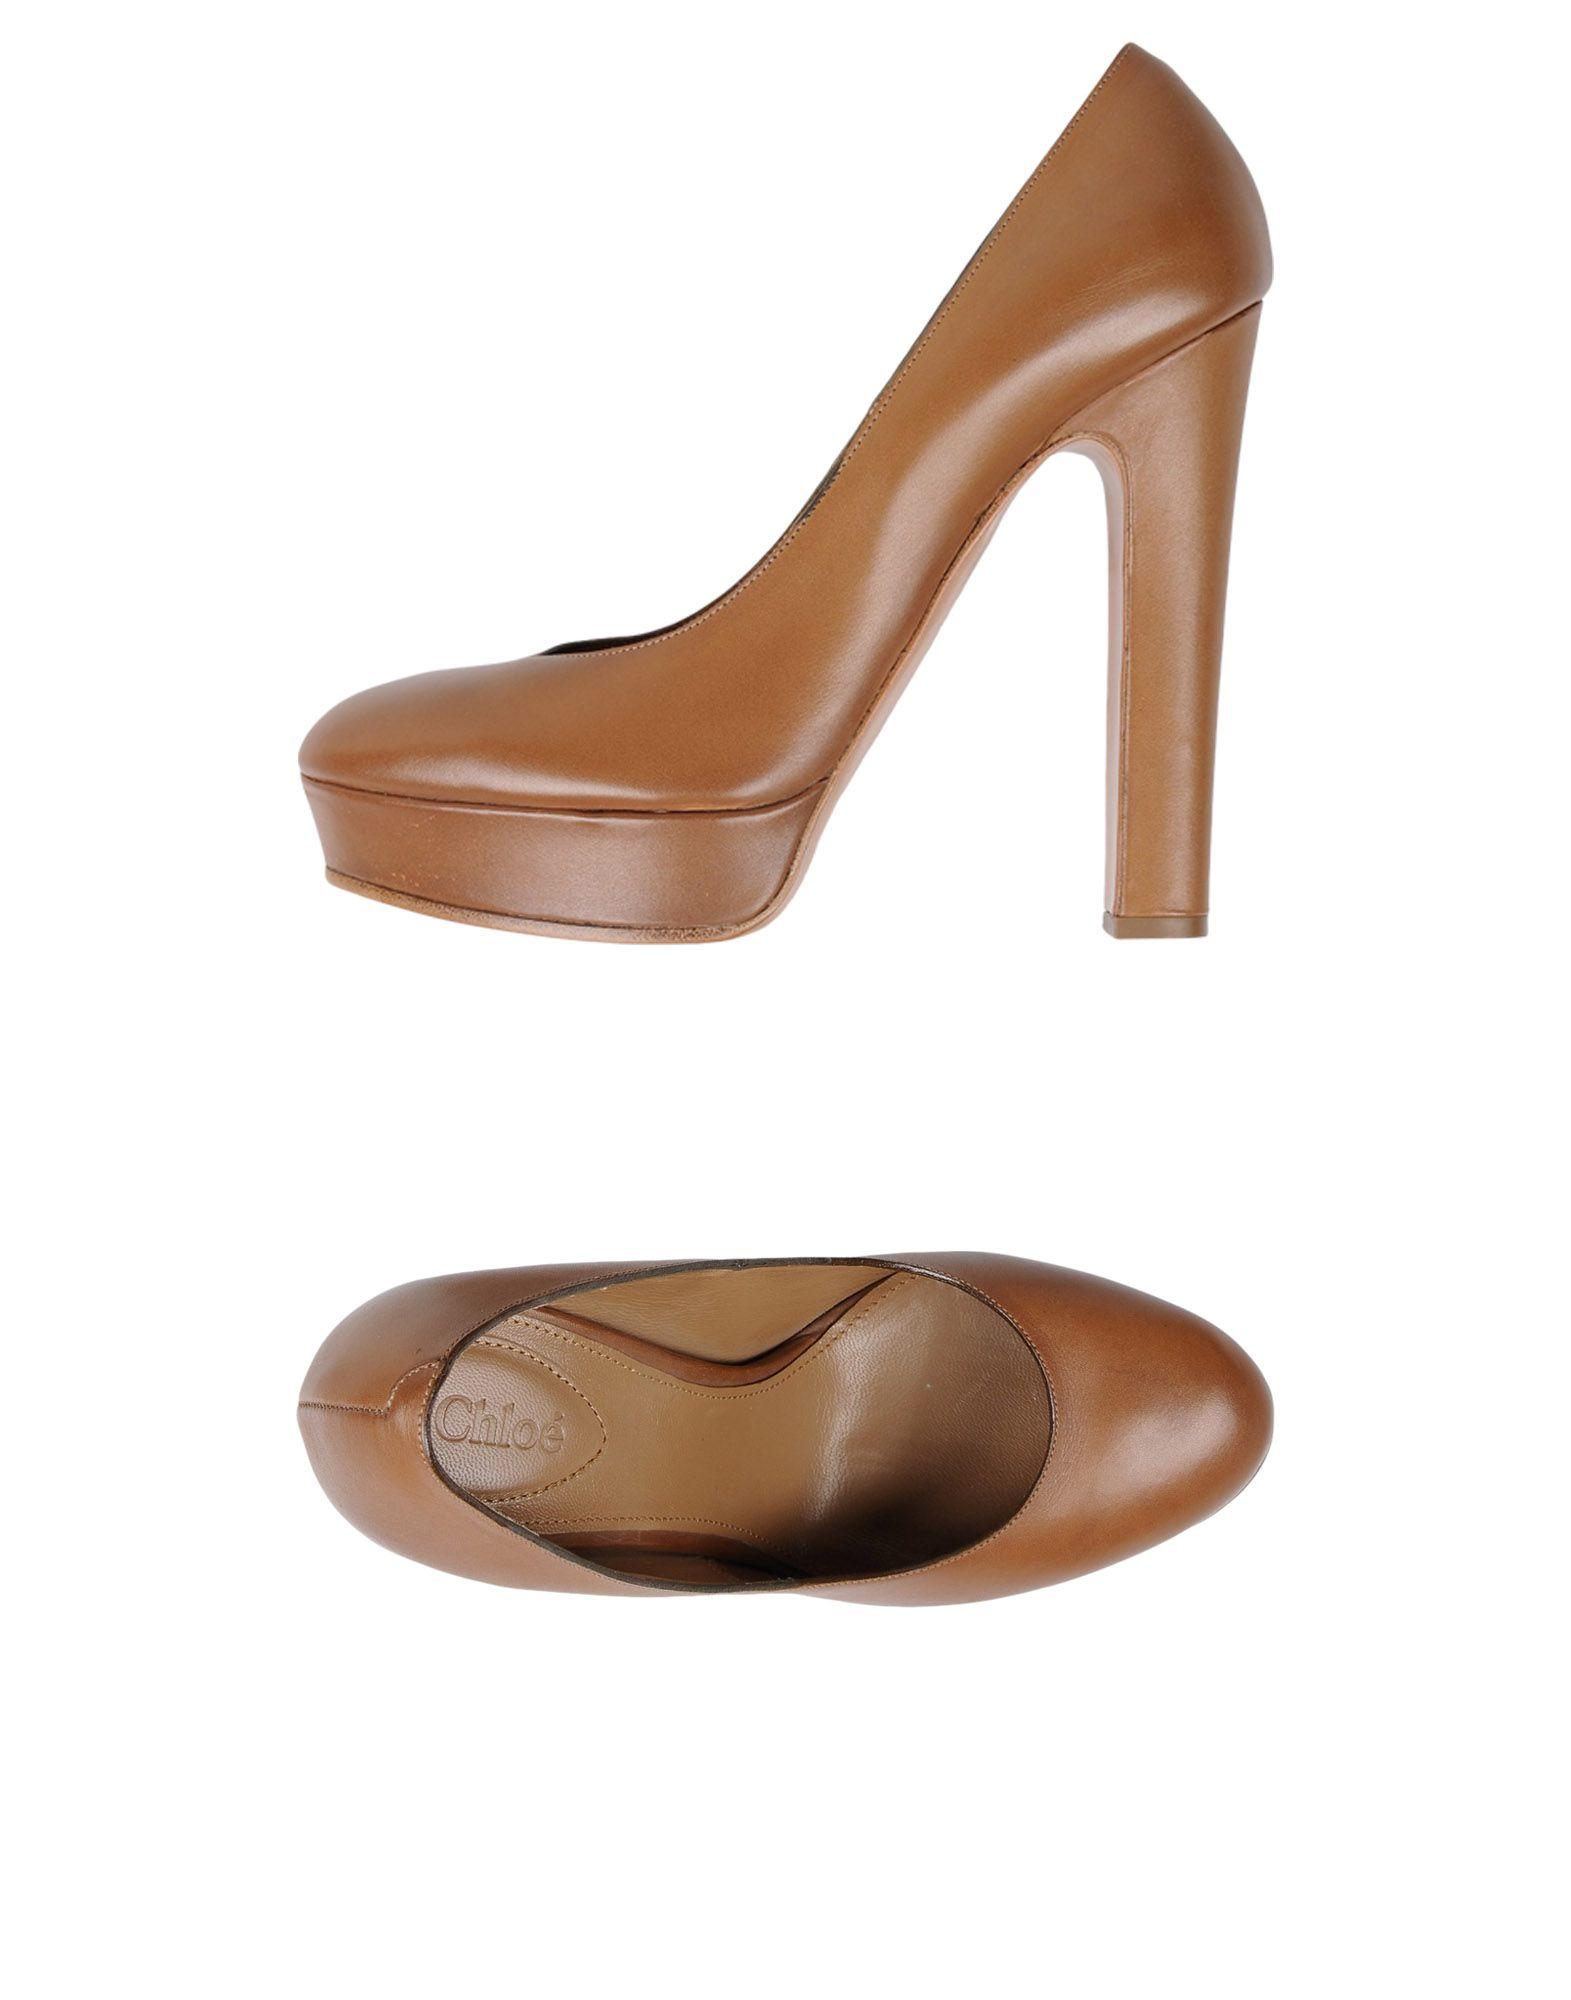 Rabatt Schuhe 11496898RD Chloé Pumps Damen  11496898RD Schuhe 5eaa35